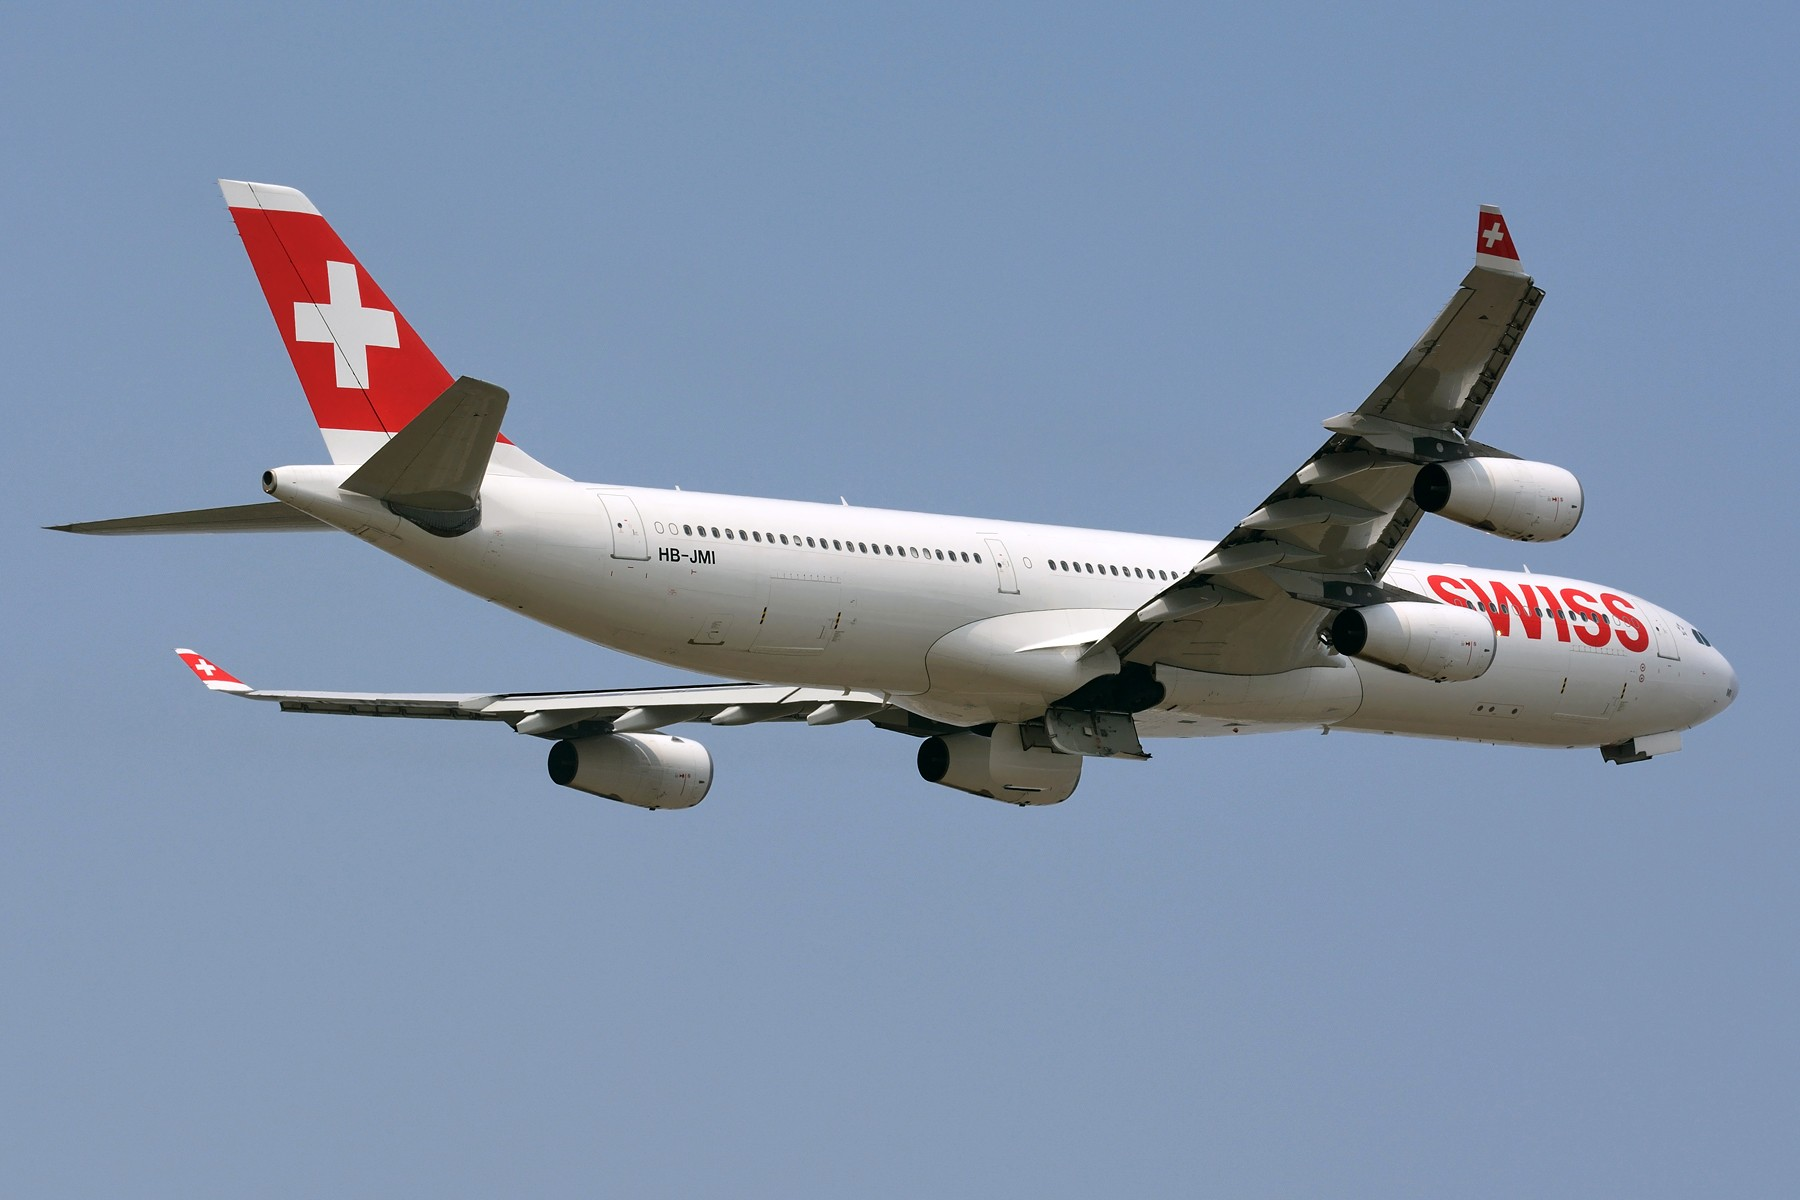 [原创]【PVG】瑞士航空 A340-300 HB-JMI 起飞一图 AIRBUS A340-300 HB-JMI 中国上海浦东国际机场